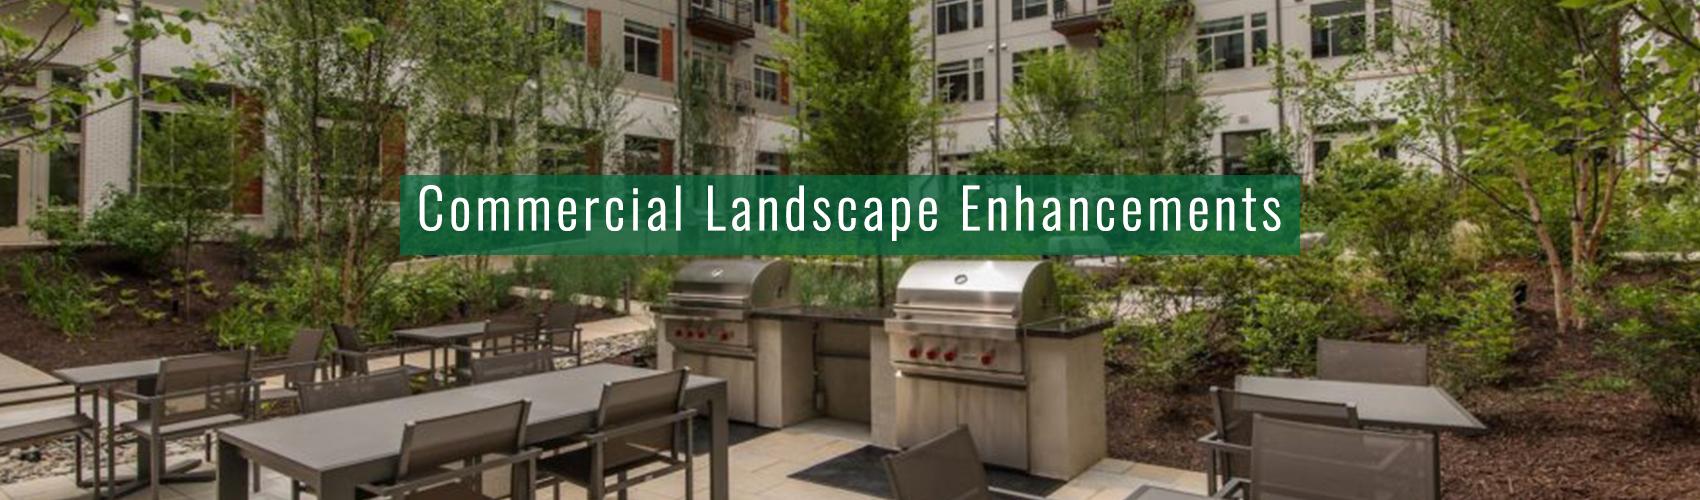 Commercial Landscape Enhancements- Complete Landscaping Service